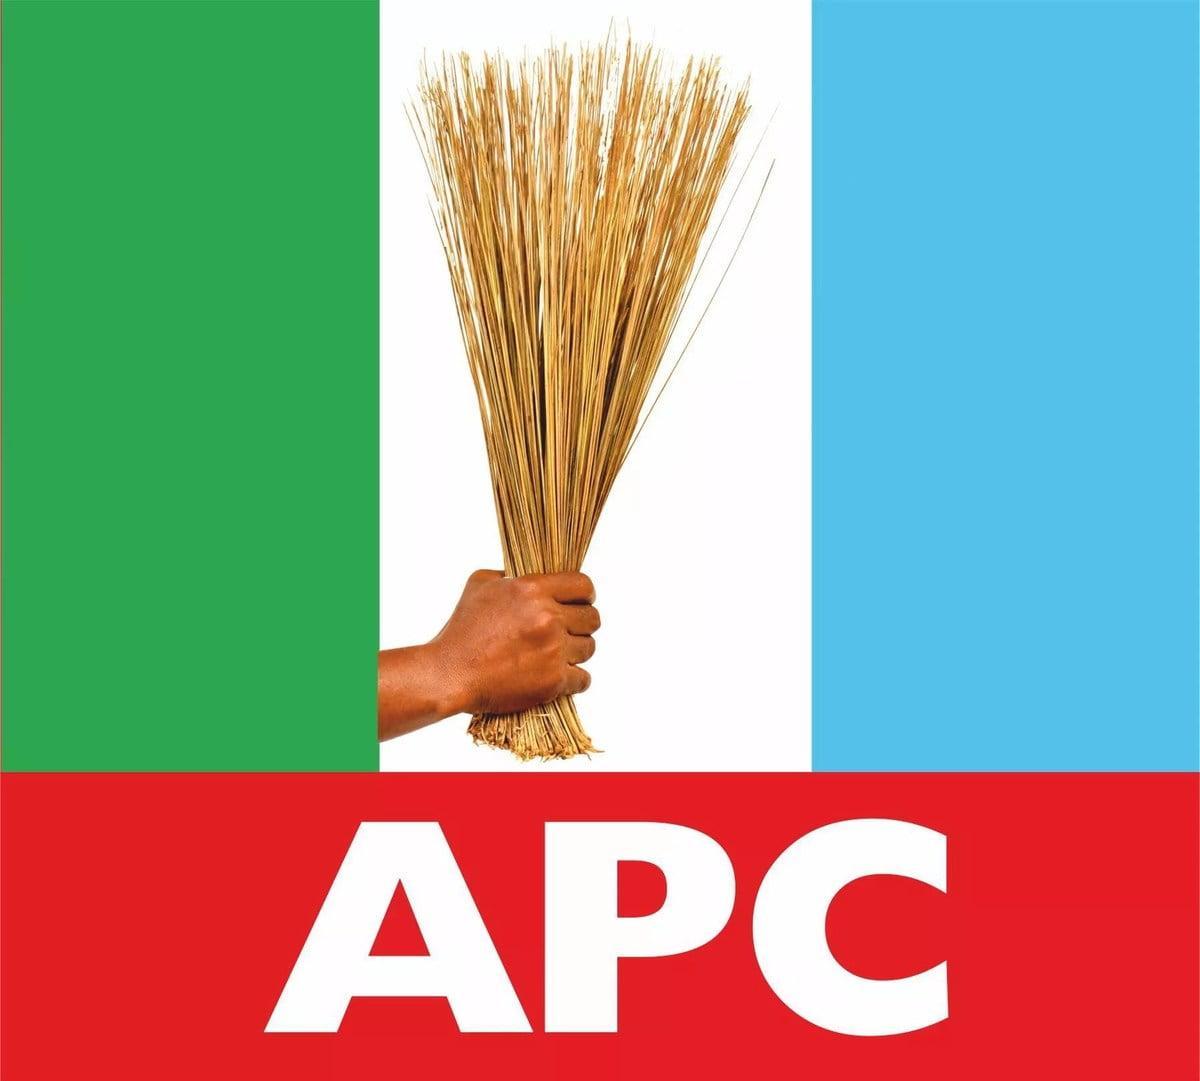 Bauchi APC group reveals plans to promote politics without bitterness